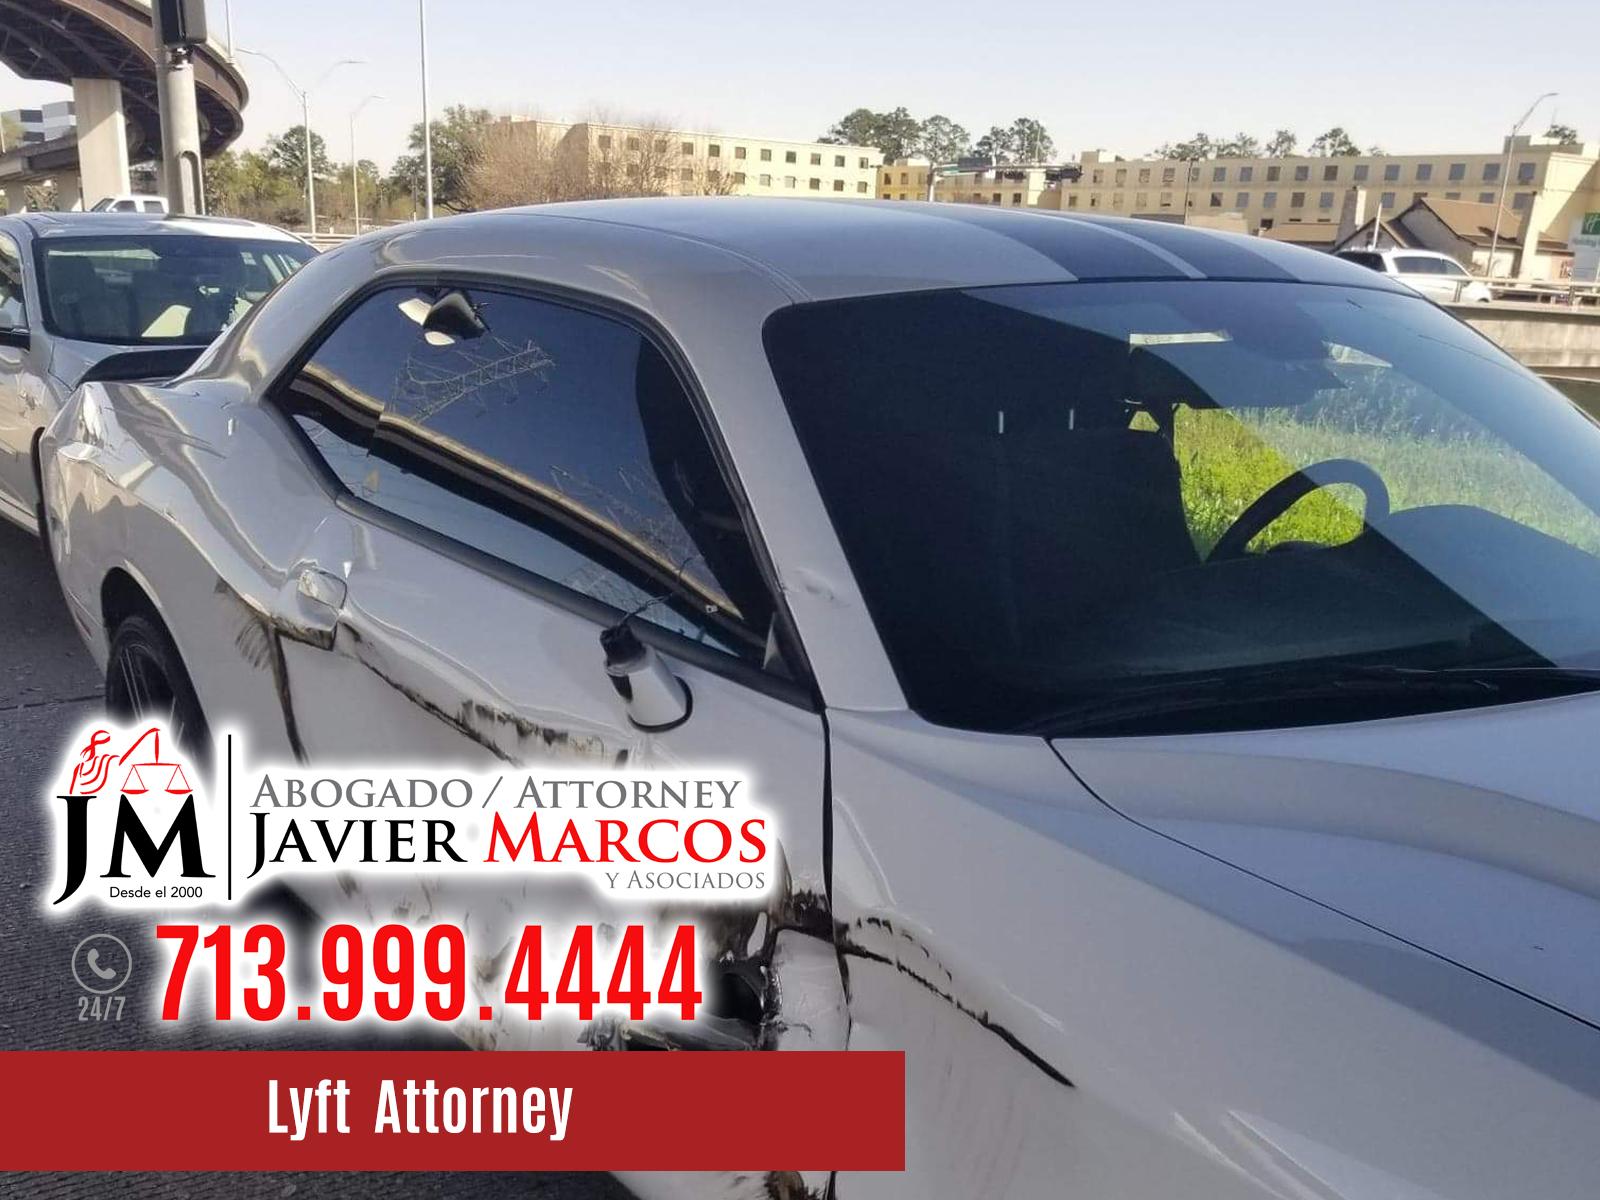 Lyft Accident Attorney | Attorney Javier Marcos | 713.999.4444